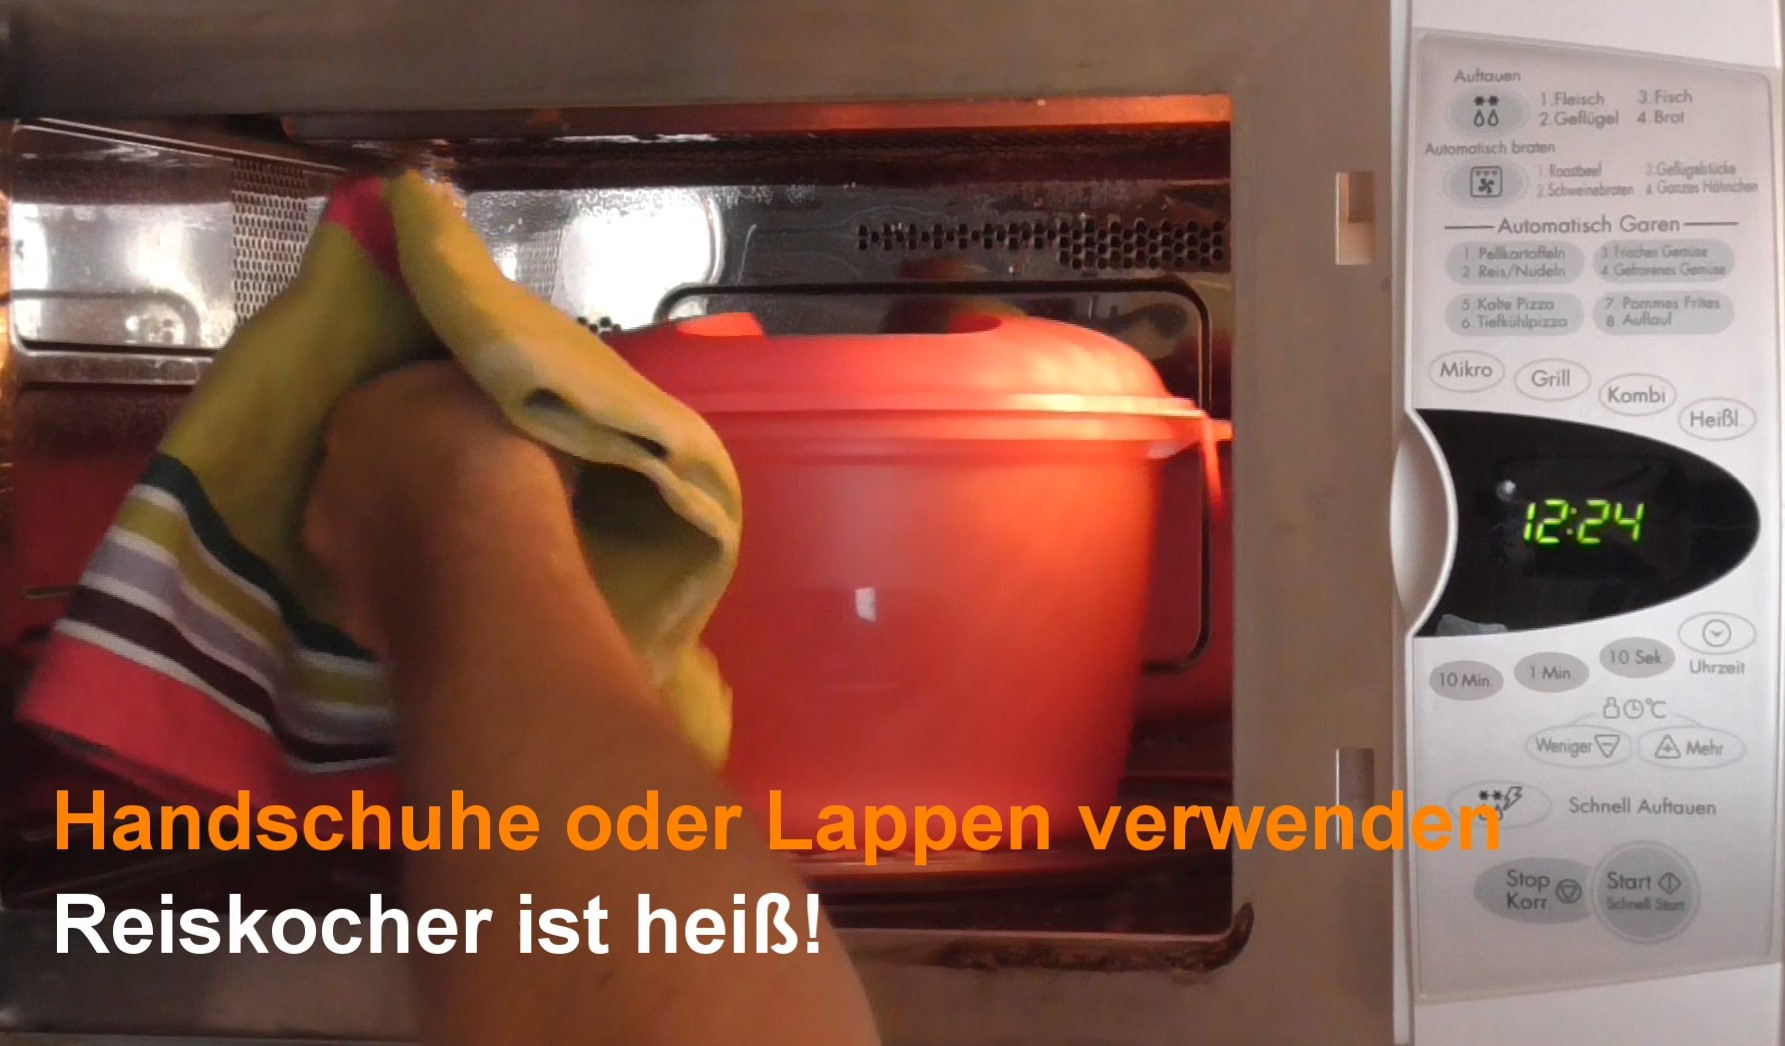 Reiskocher aus der Mikrowelle nehmen